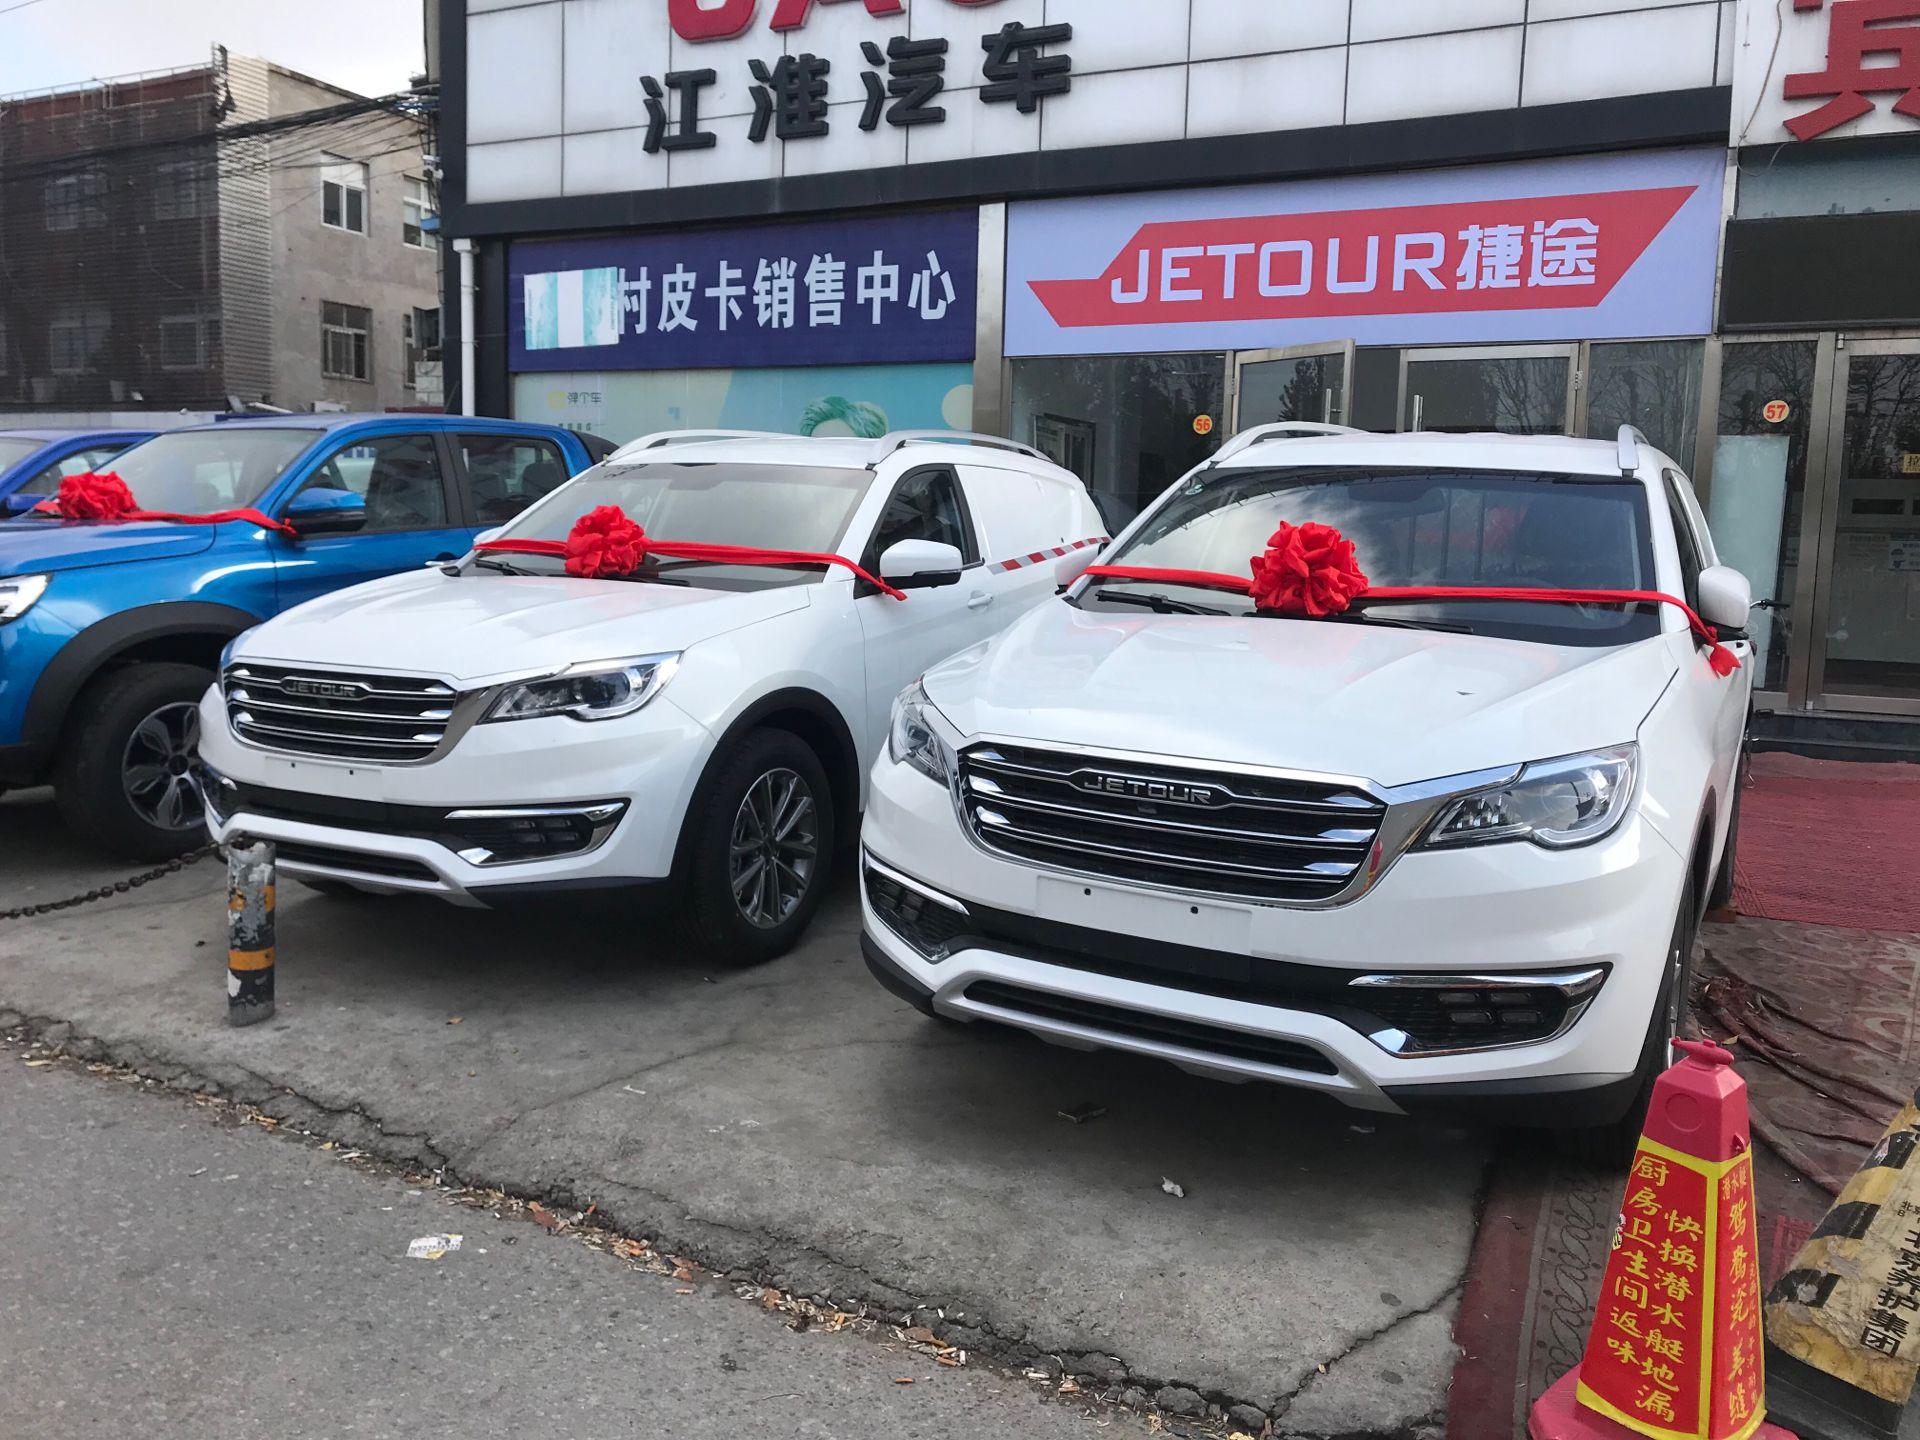 捷途X70卖多少钱/昌平区捷途销售地址